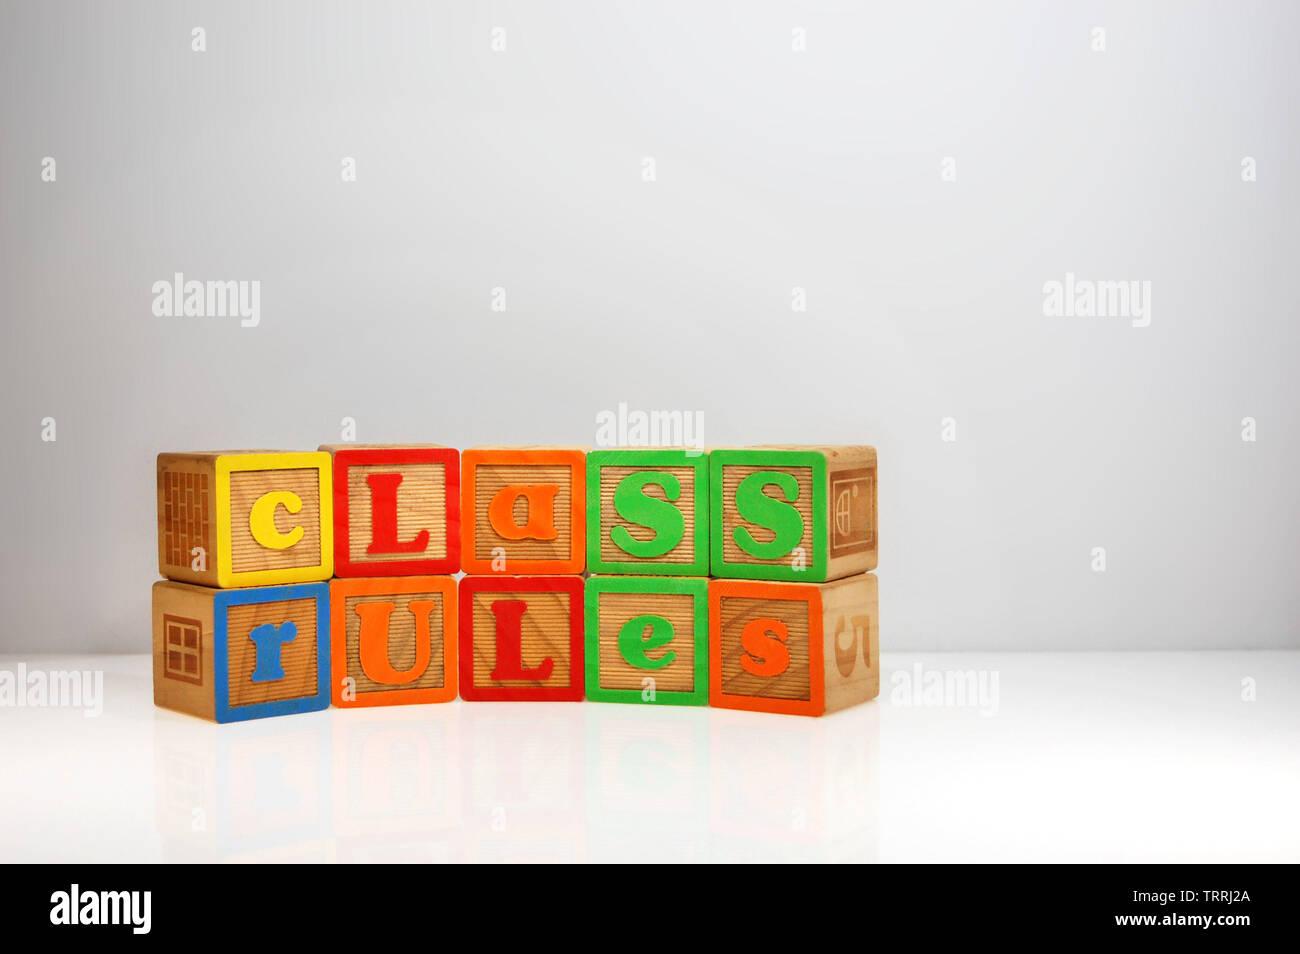 """Stilisierte Schuß von """"Regeln"""", die Sie mit ABC Blocks geschrieben. Stockfoto"""